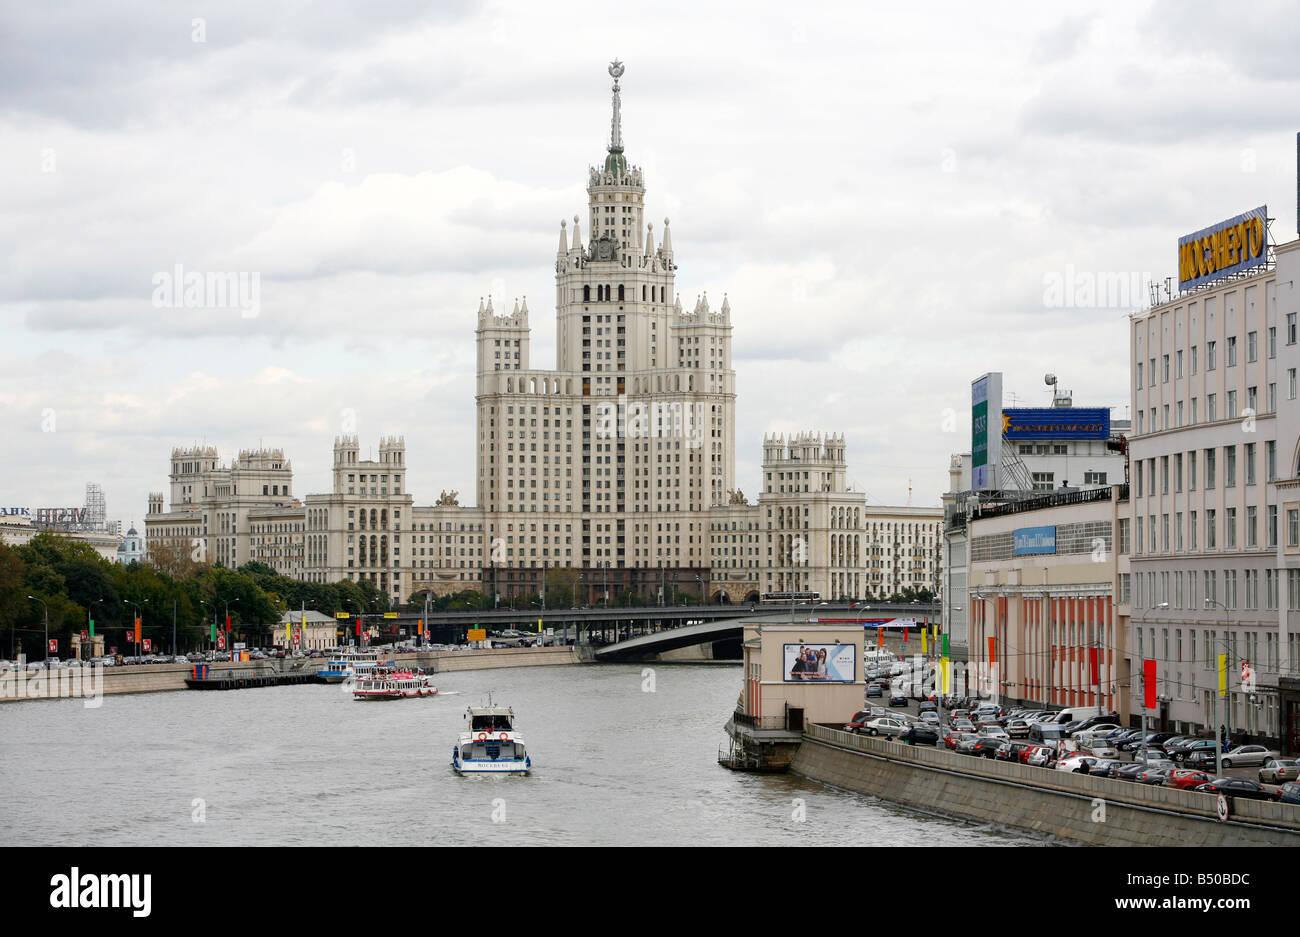 El edificio era de Stalin en Kotelnicheskaya embankment uno de las siete hermanas que son siete rascacielos estalinistas Moscú Rusia Foto de stock